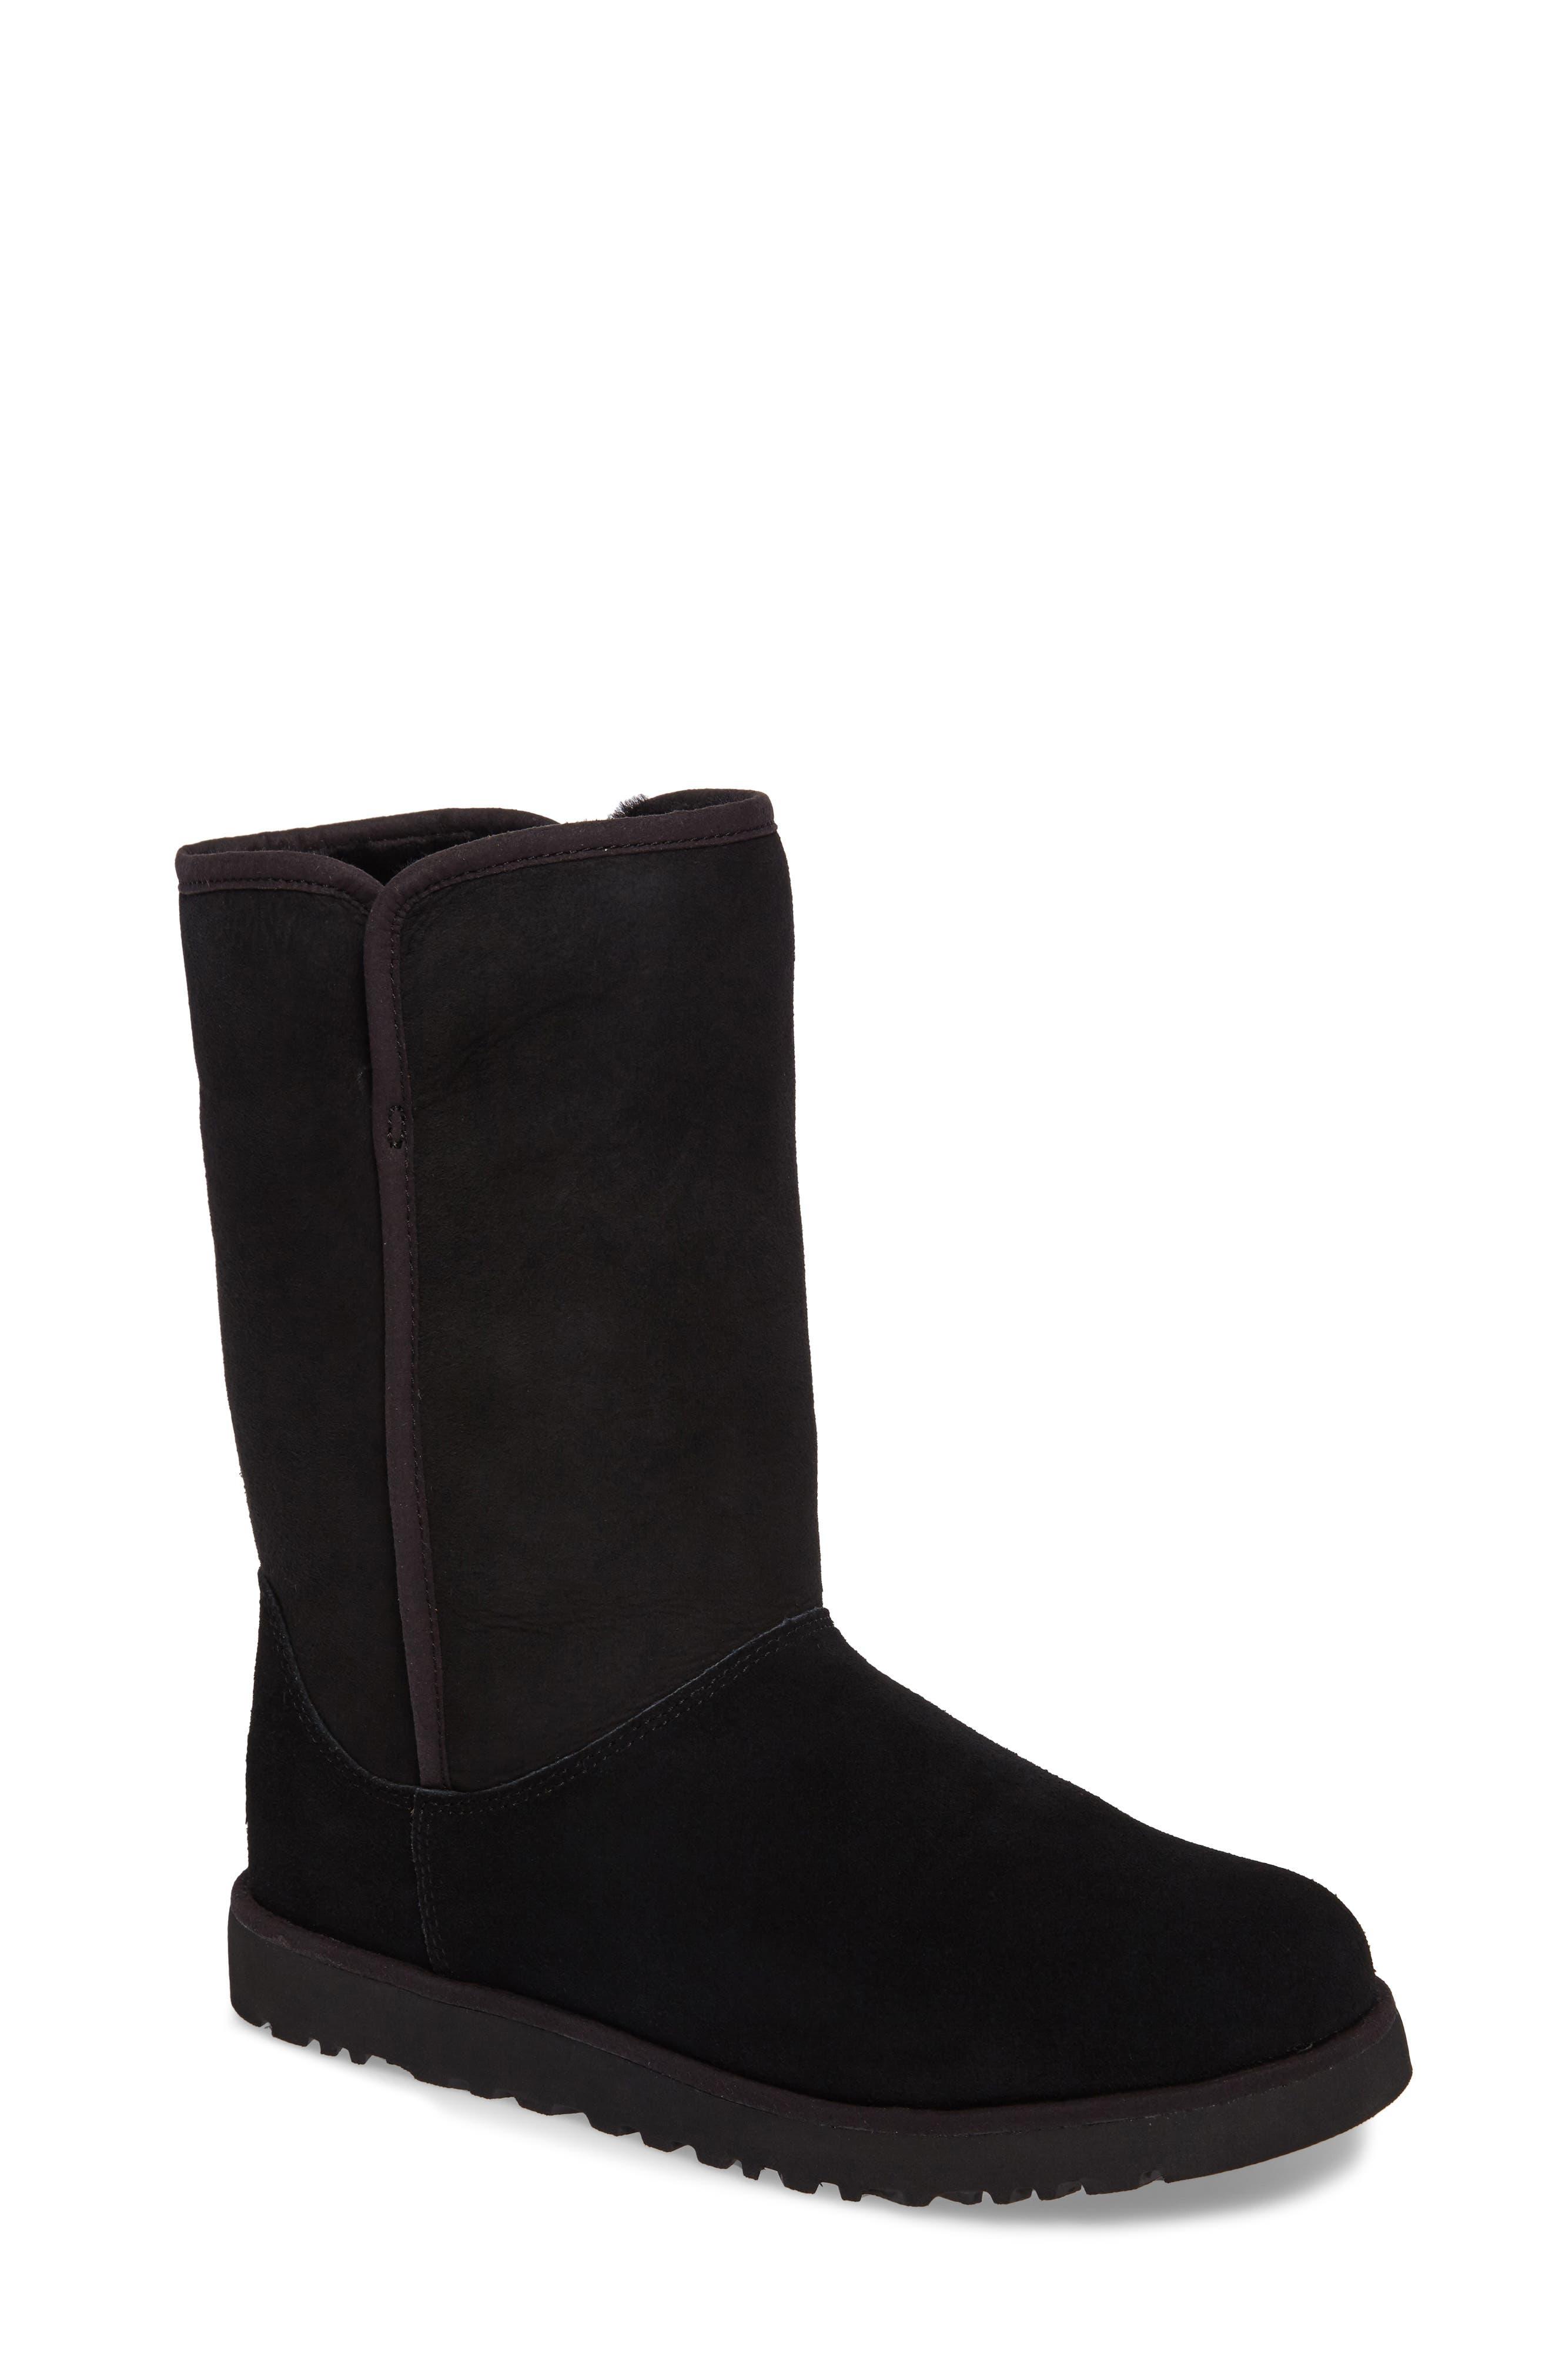 'Michelle' Boot,                             Main thumbnail 1, color,                             BLACK SUEDE